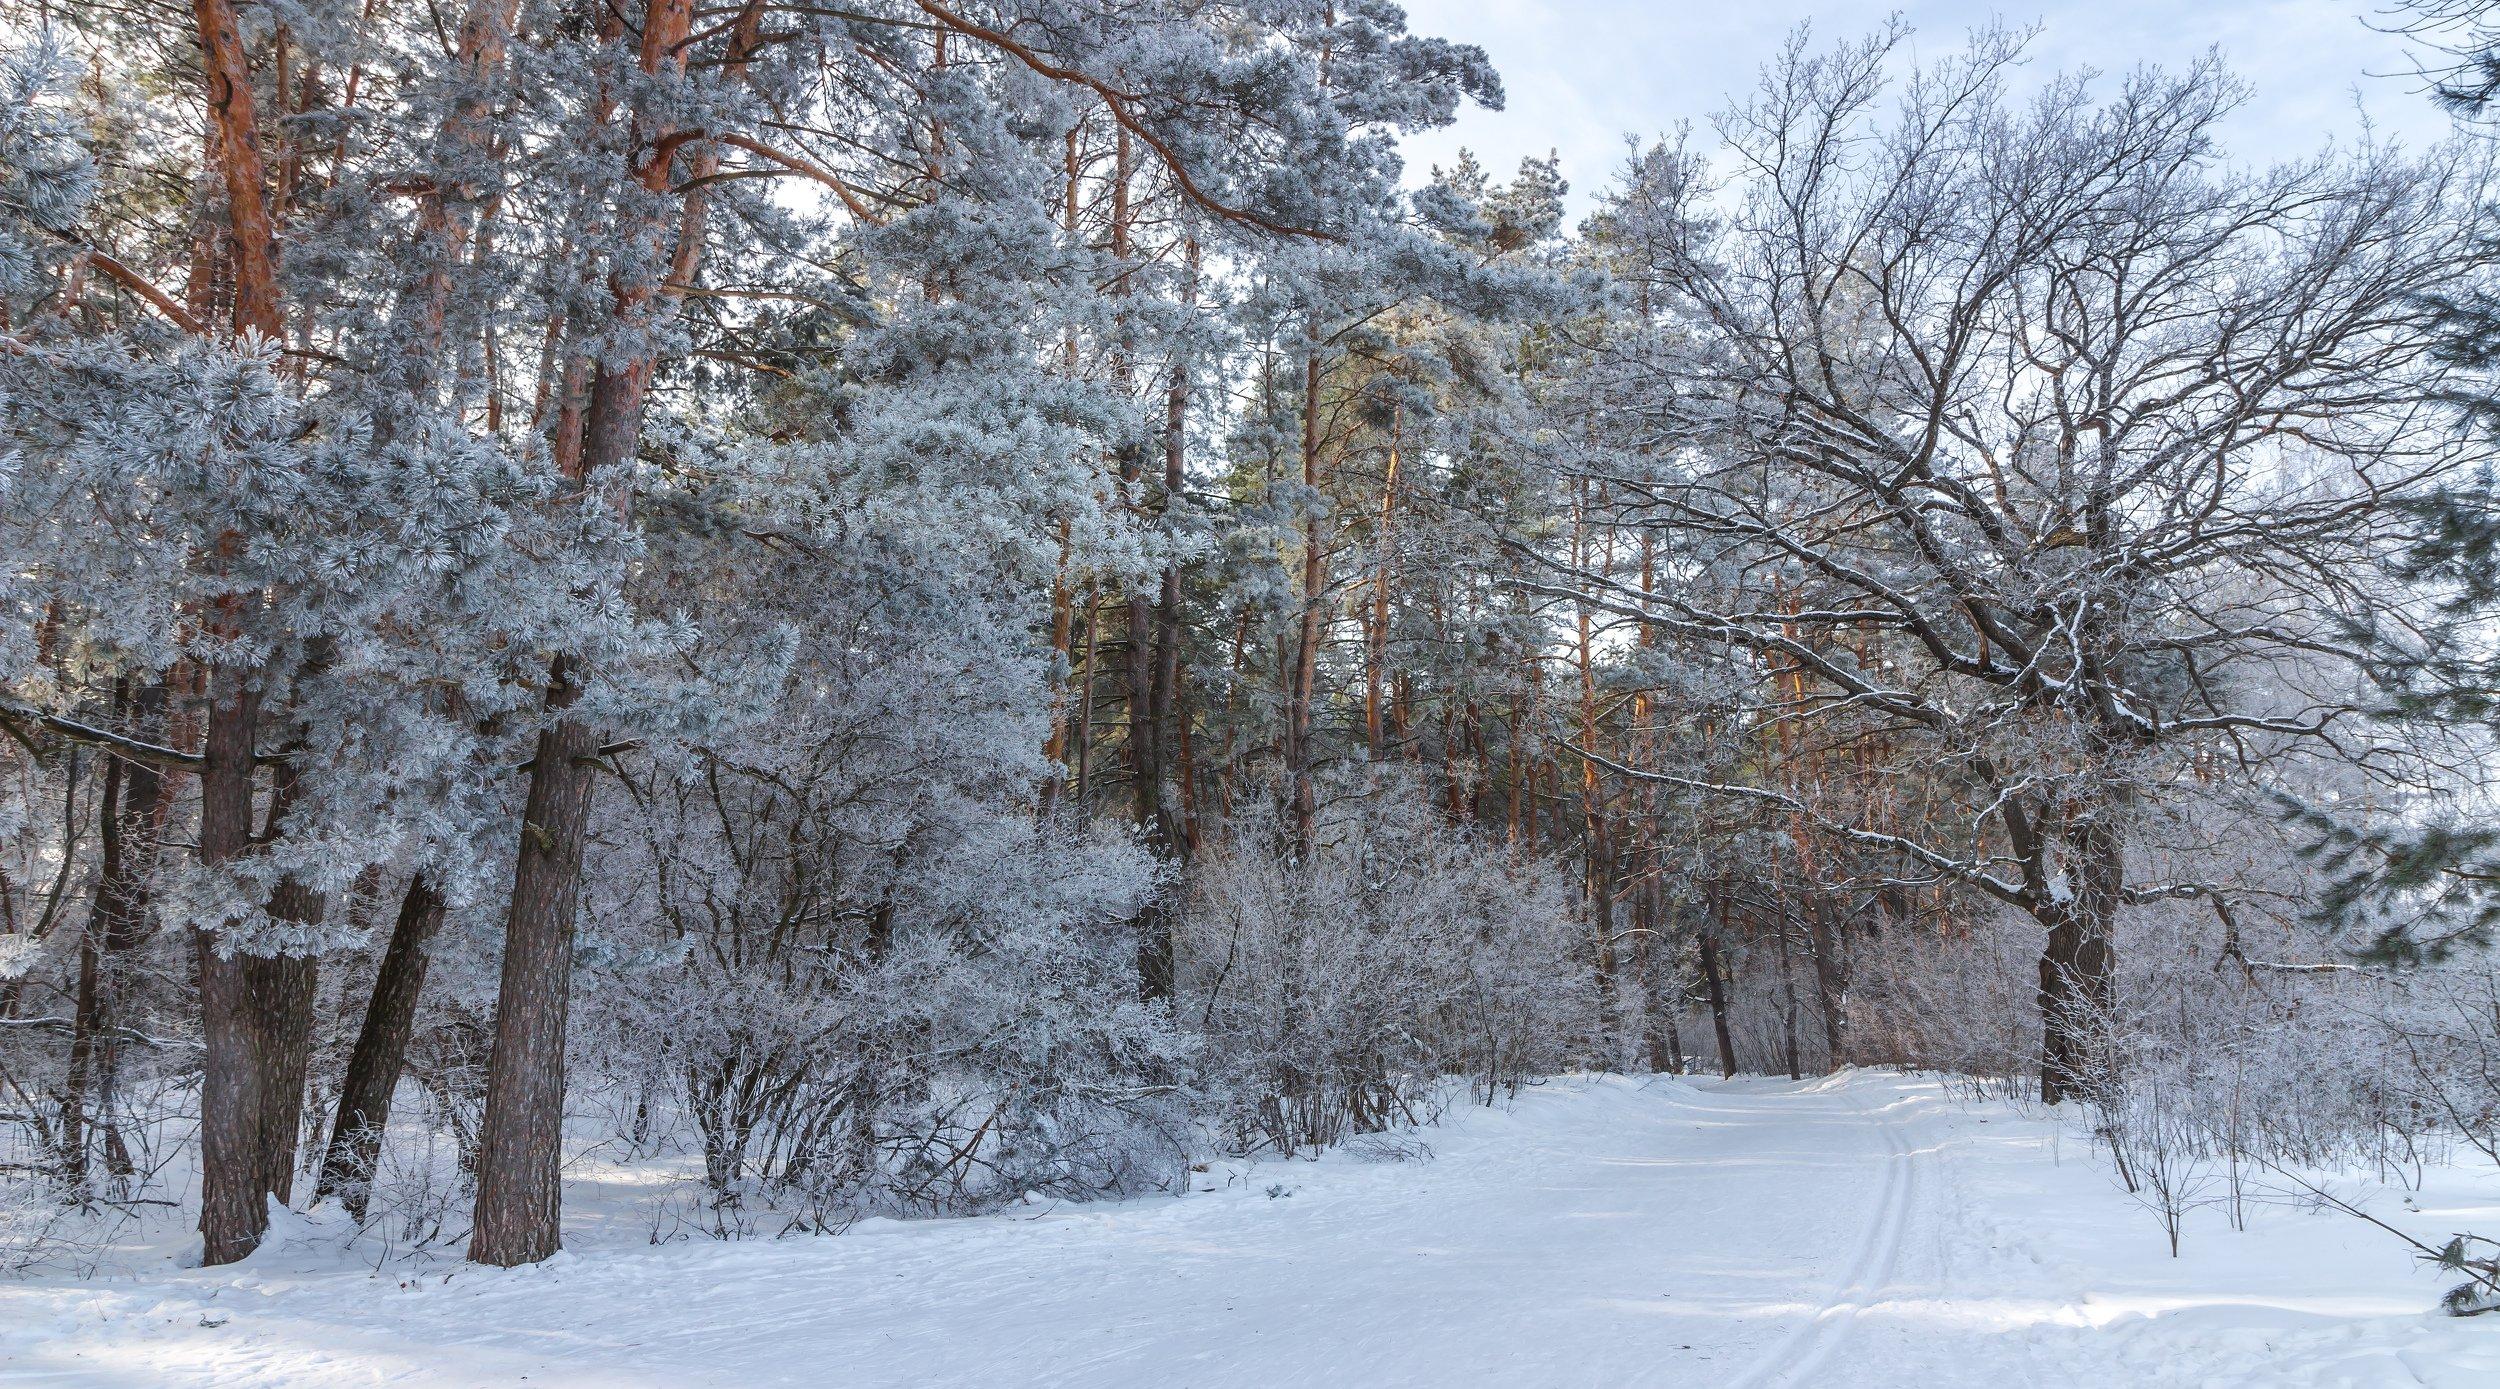 снег, природа, мороз, лыжня, лес, иней, зима, заповедник, Востриков Руслан